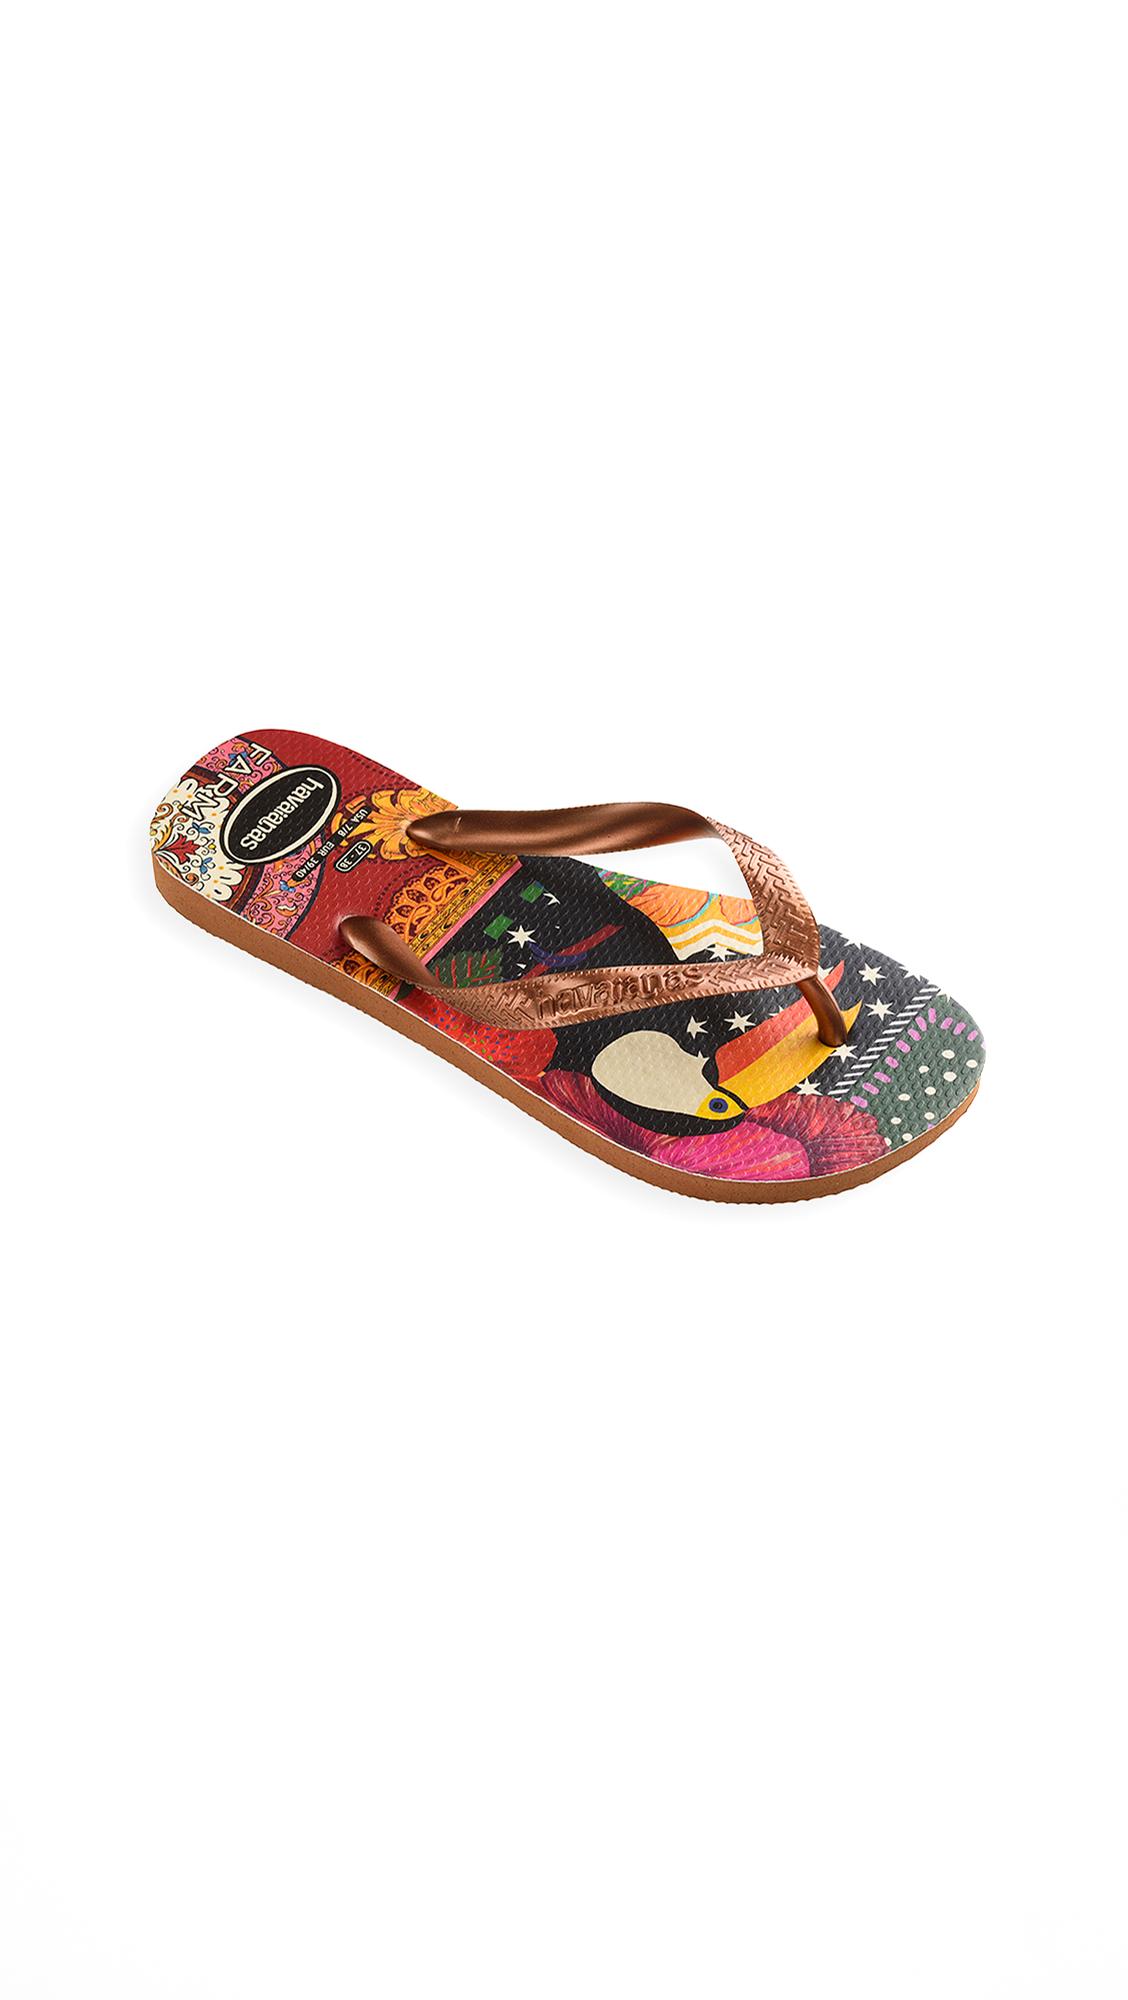 Buy Havaianas x Farm Rio Toucan Sandals online, shop Havaianas